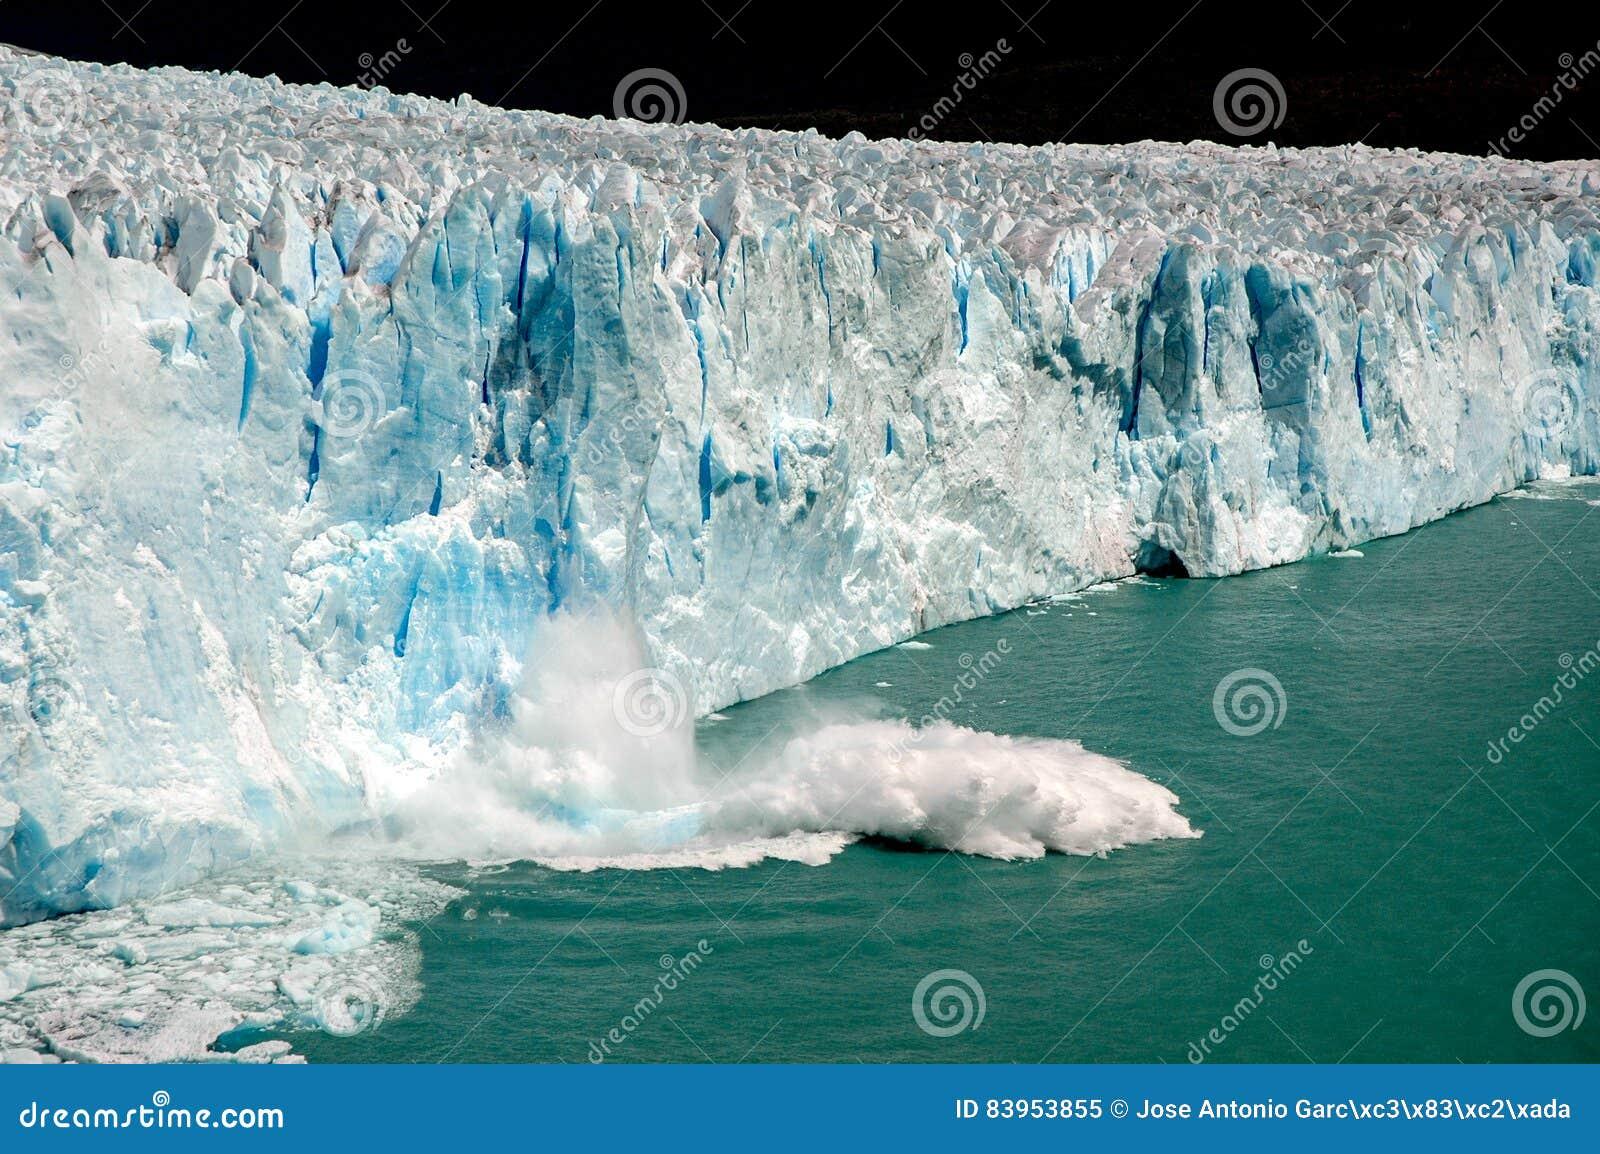 Block fall in Perito Moreno